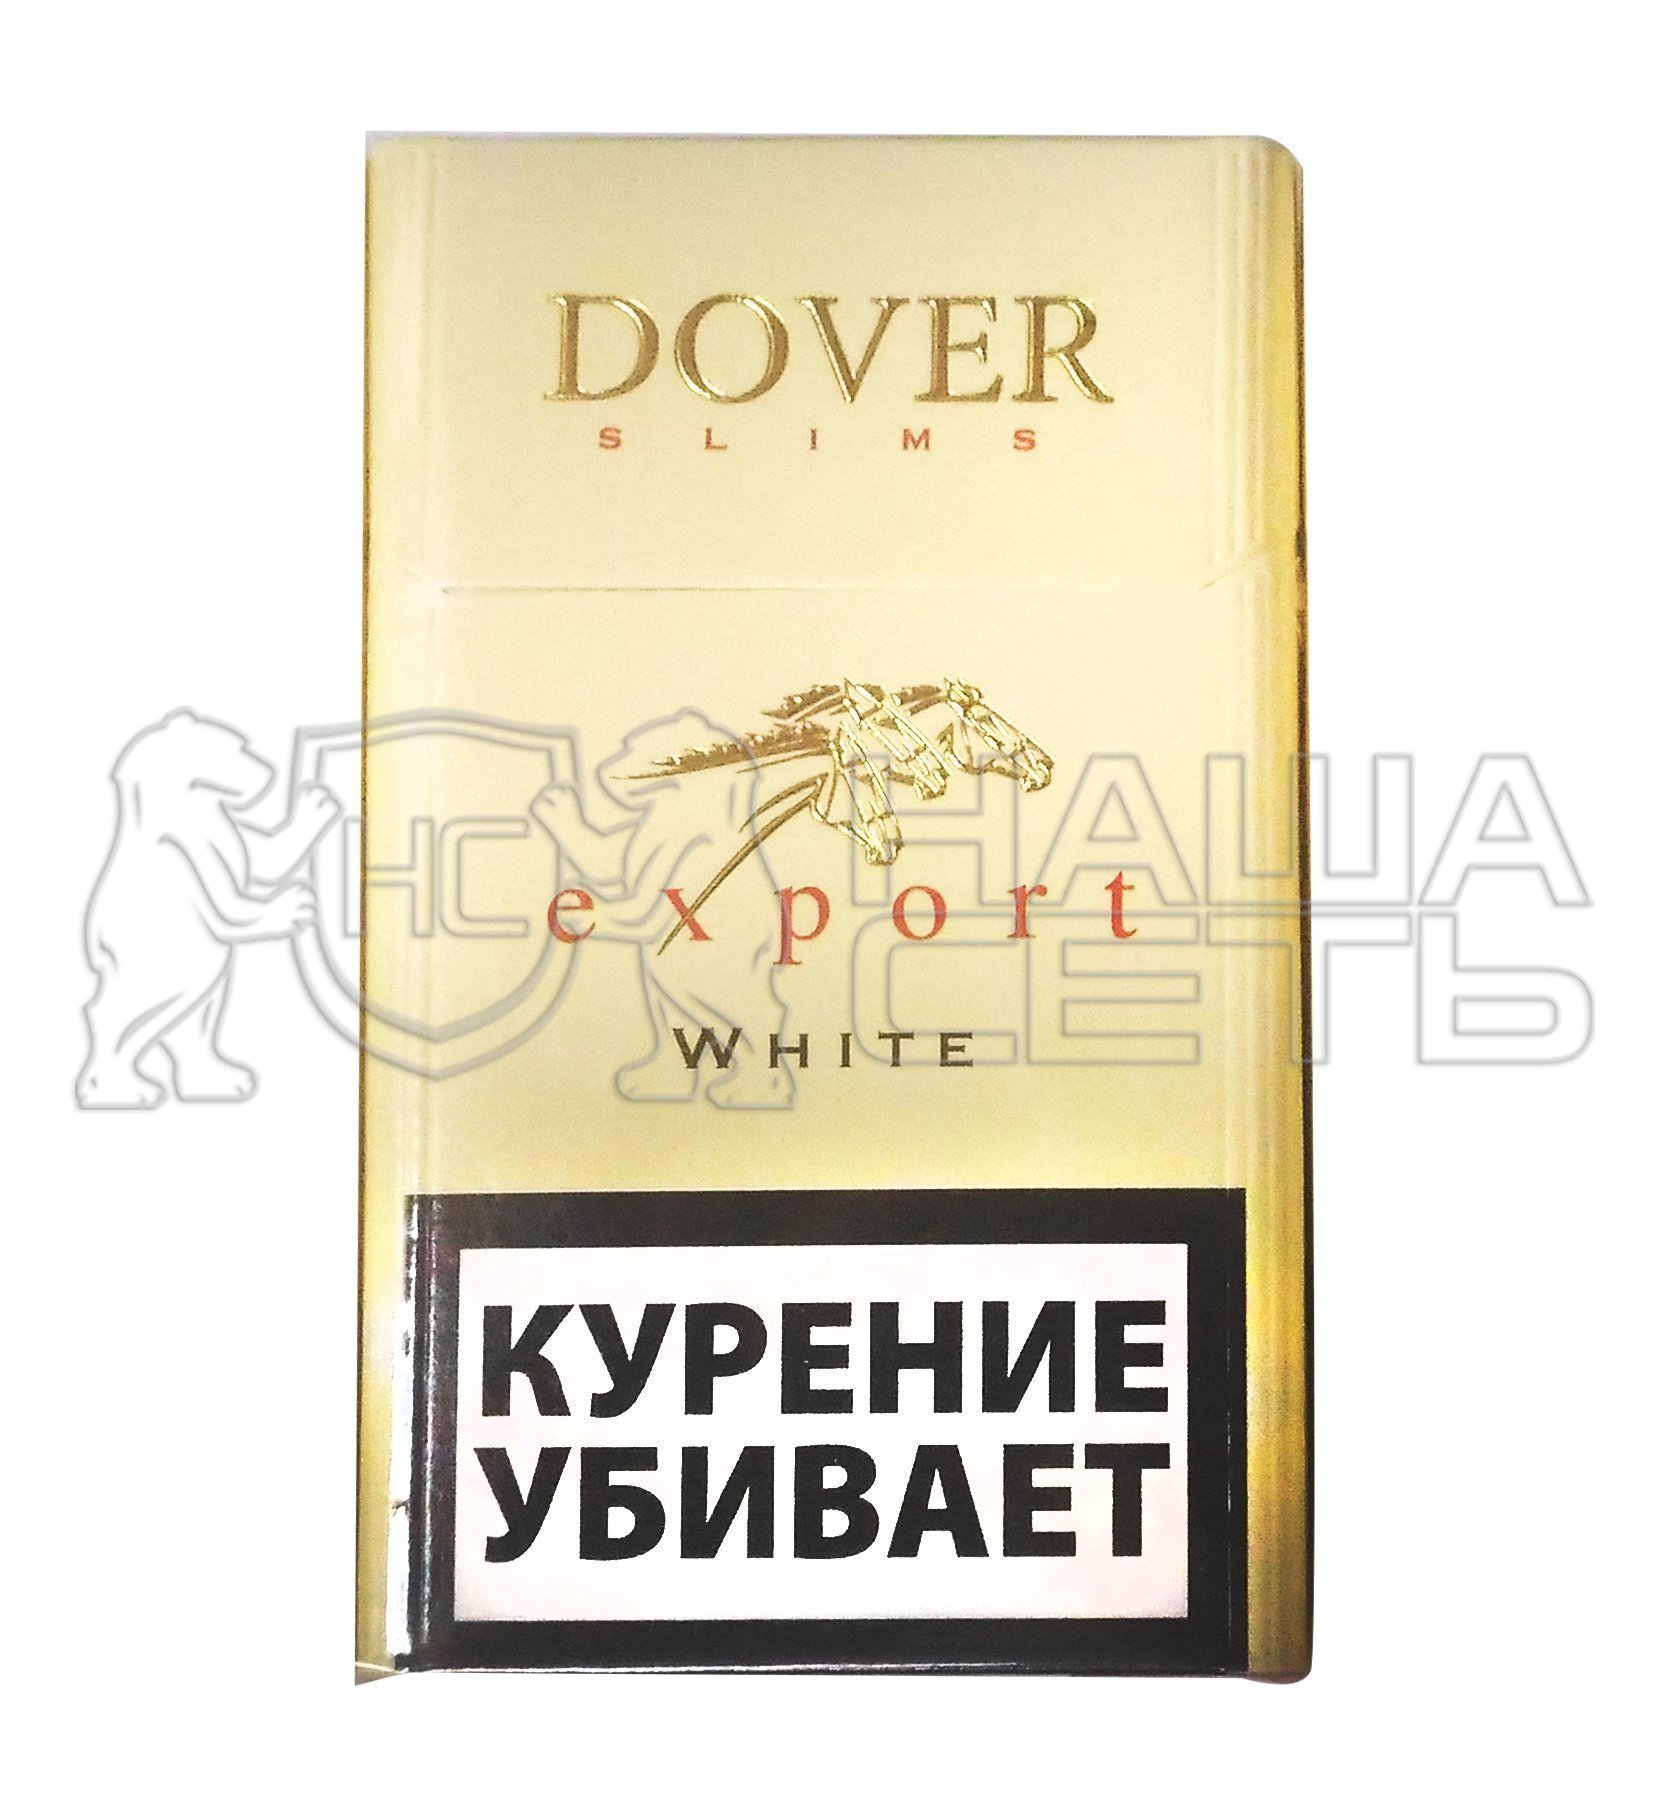 Сигареты dover купить глок сигареты купить